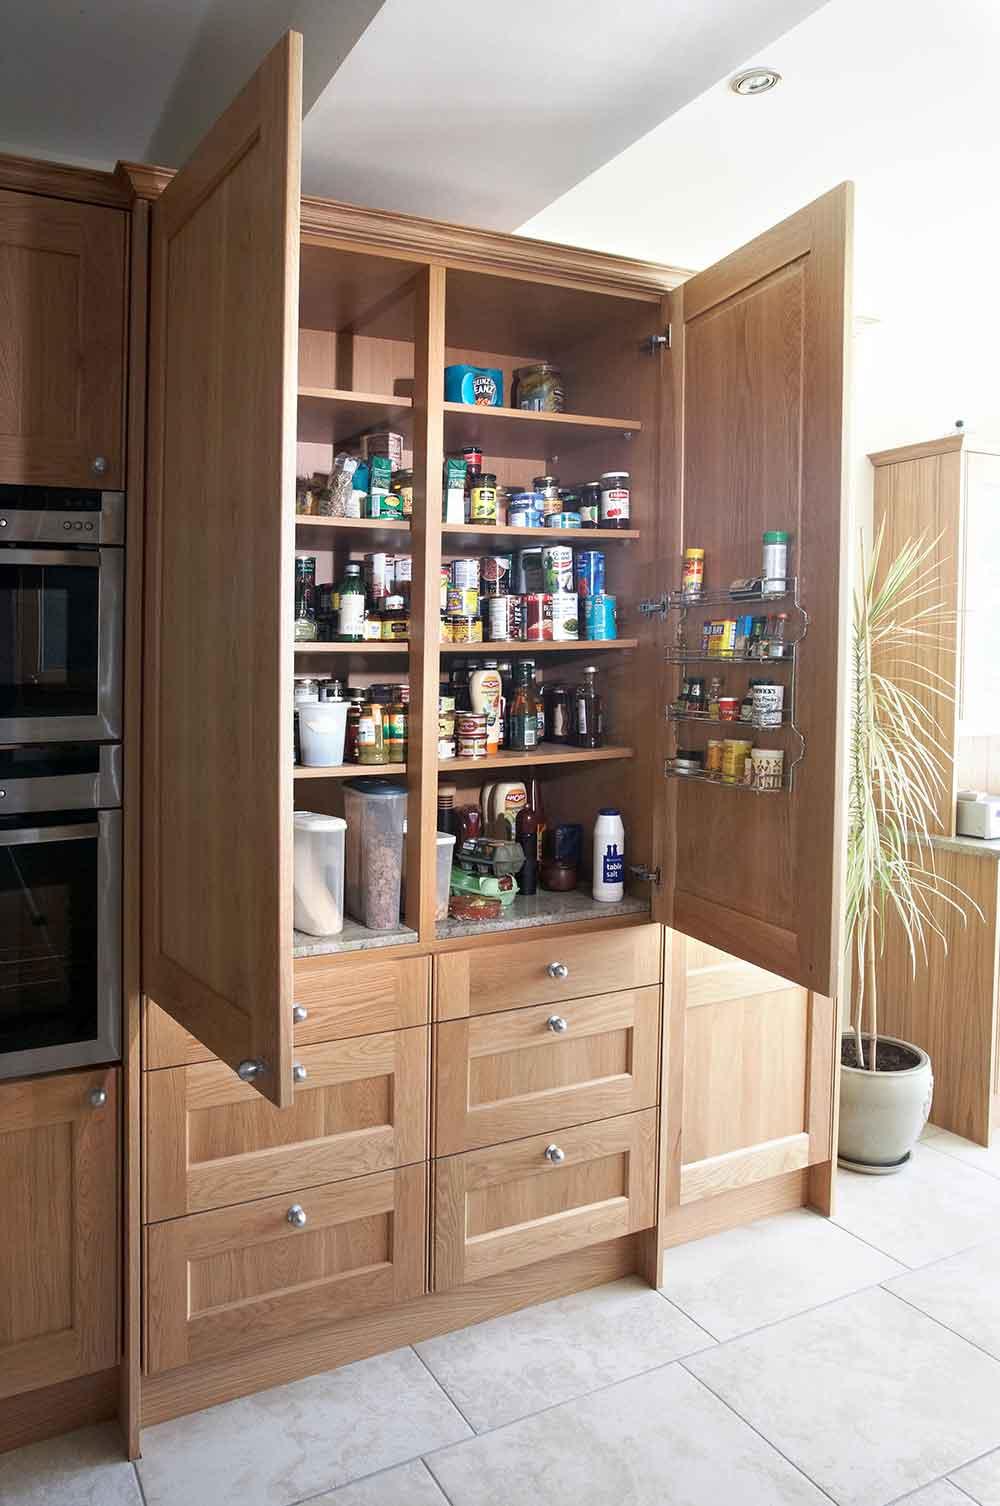 Bespoke lavish kitchen cupboard details